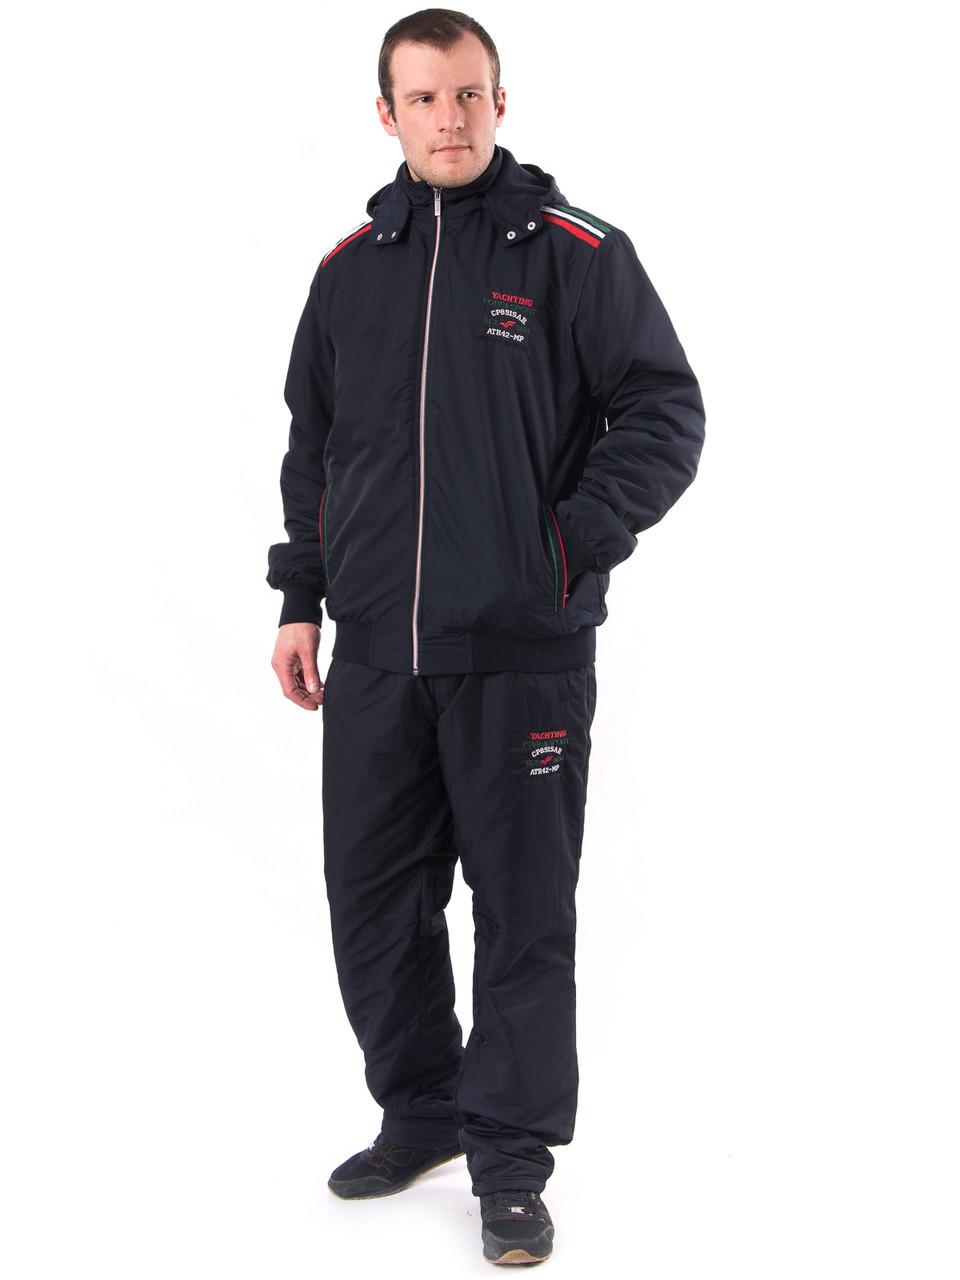 Мужской теплый спортивный костюм плащевка на флисе т.м. Fore 1146